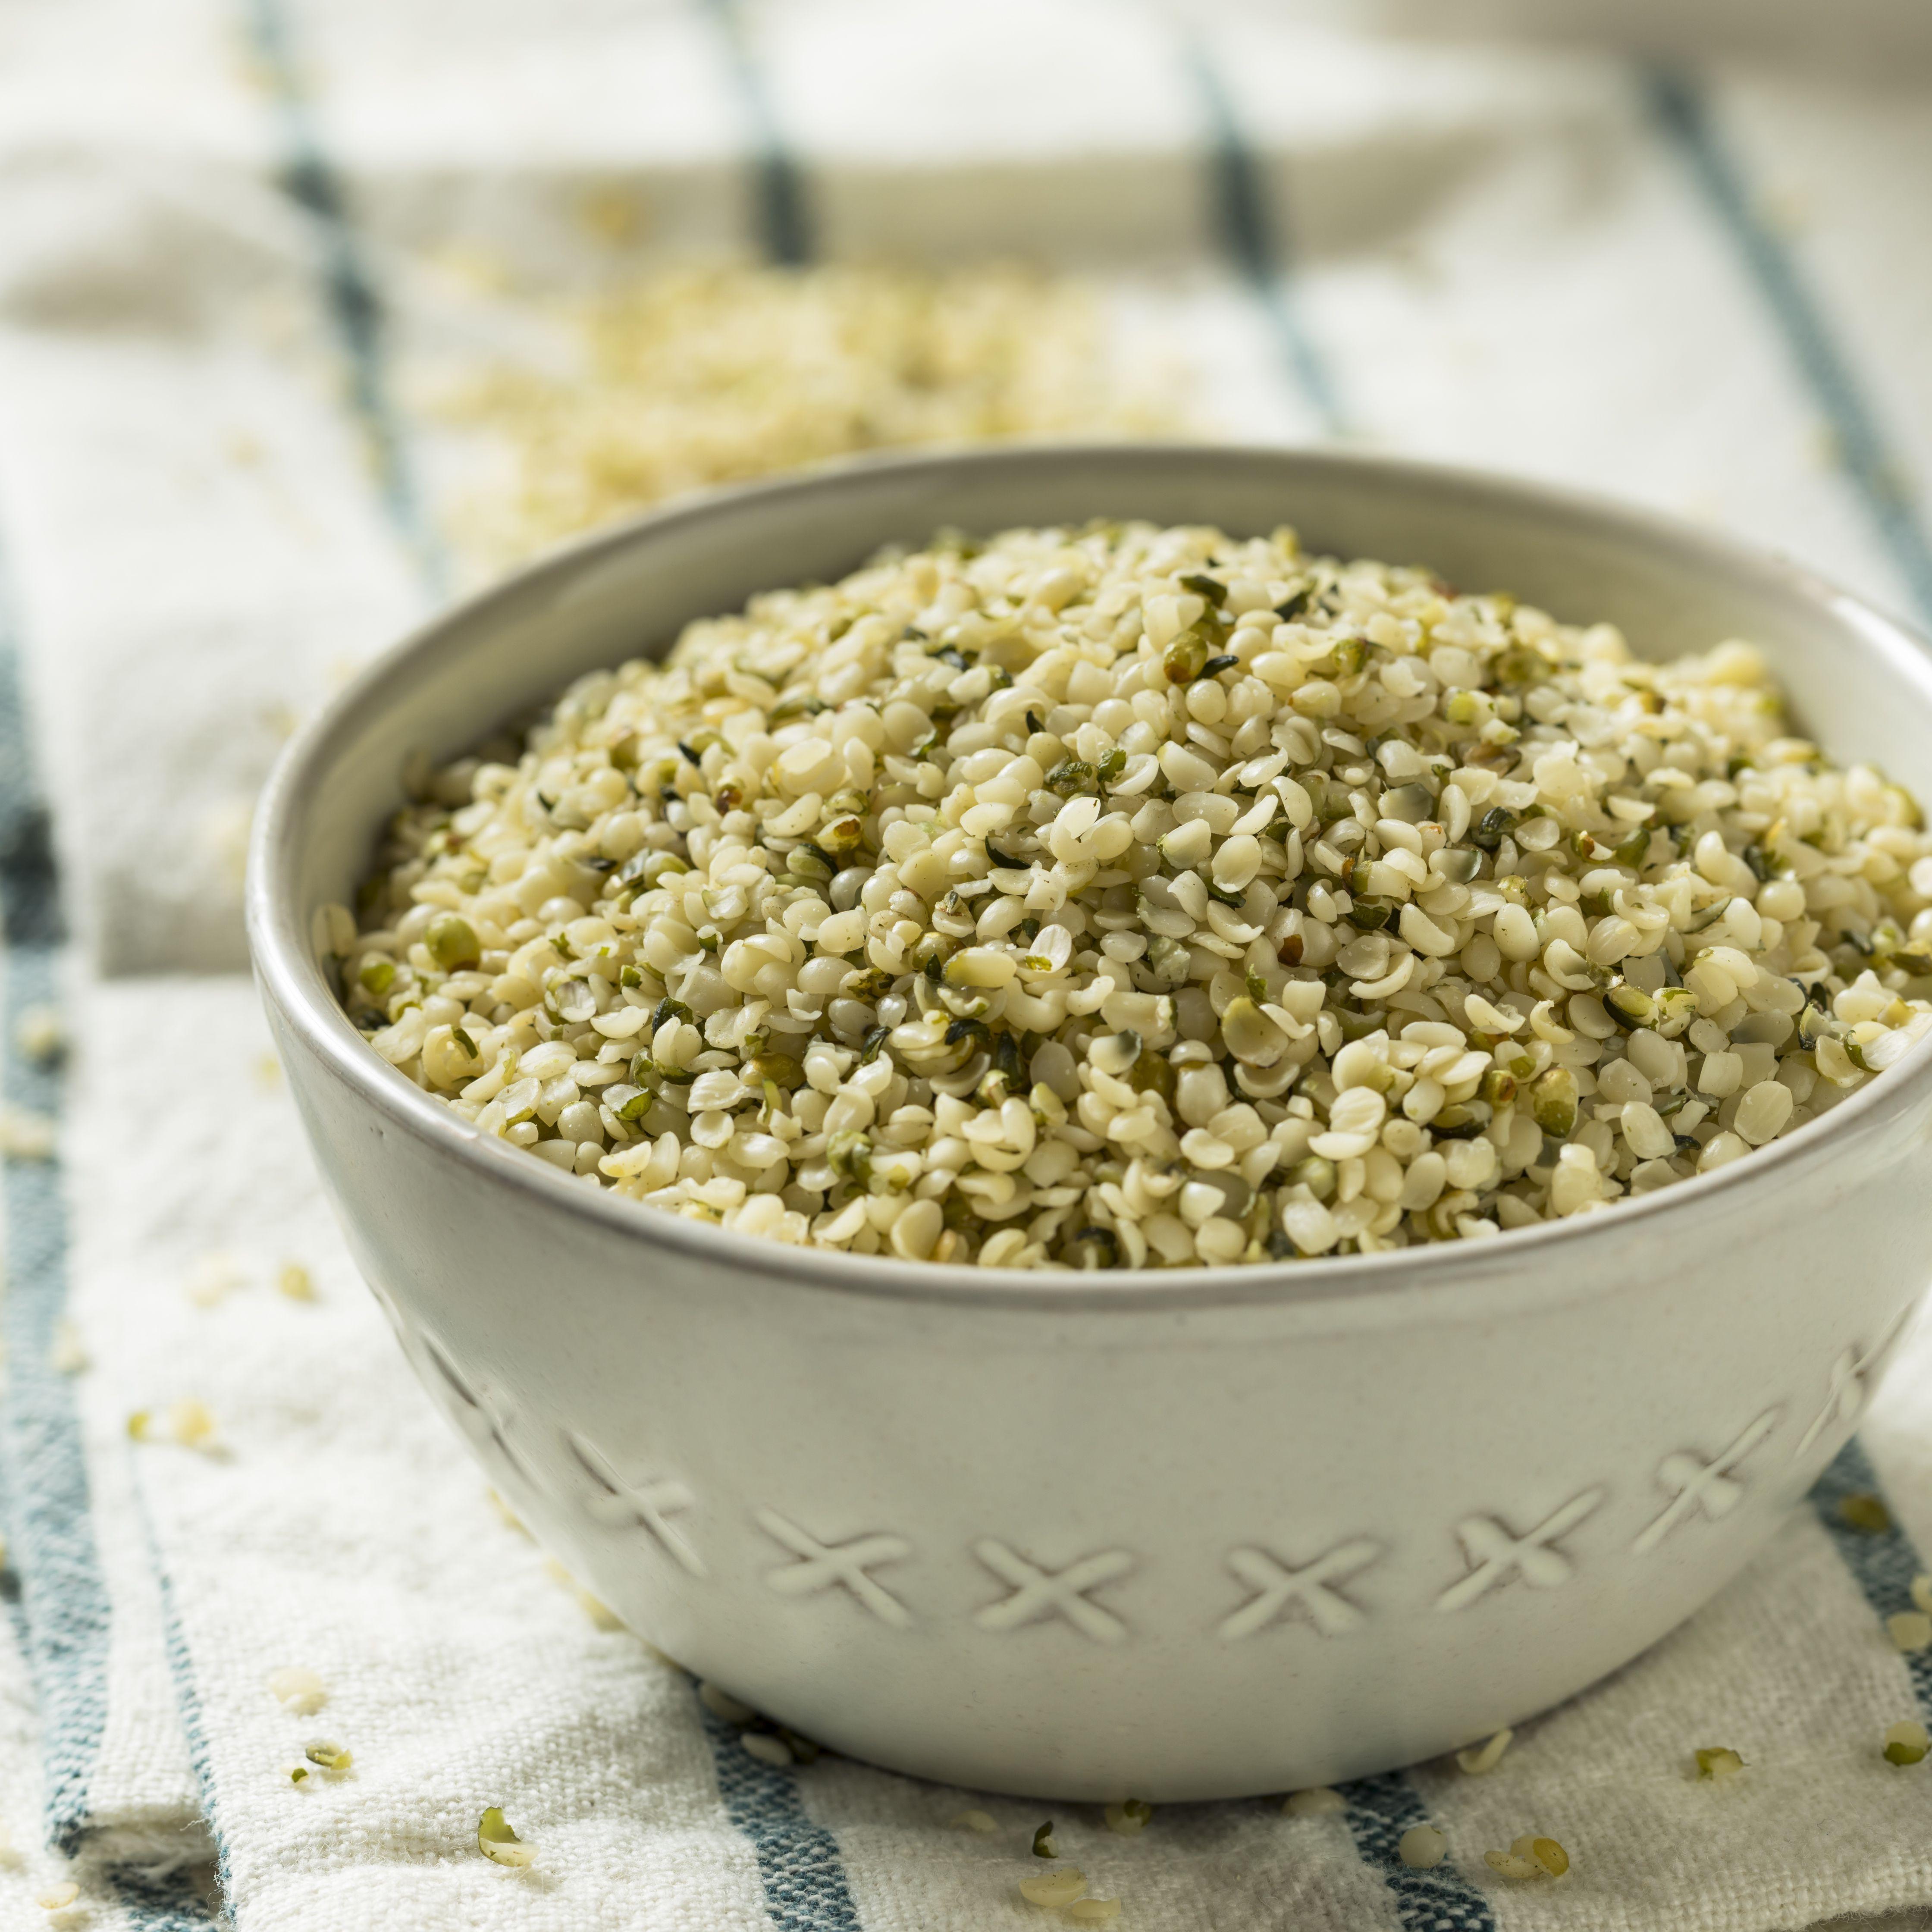 Hemp Seed Recipes: How to Use Hemp Seeds